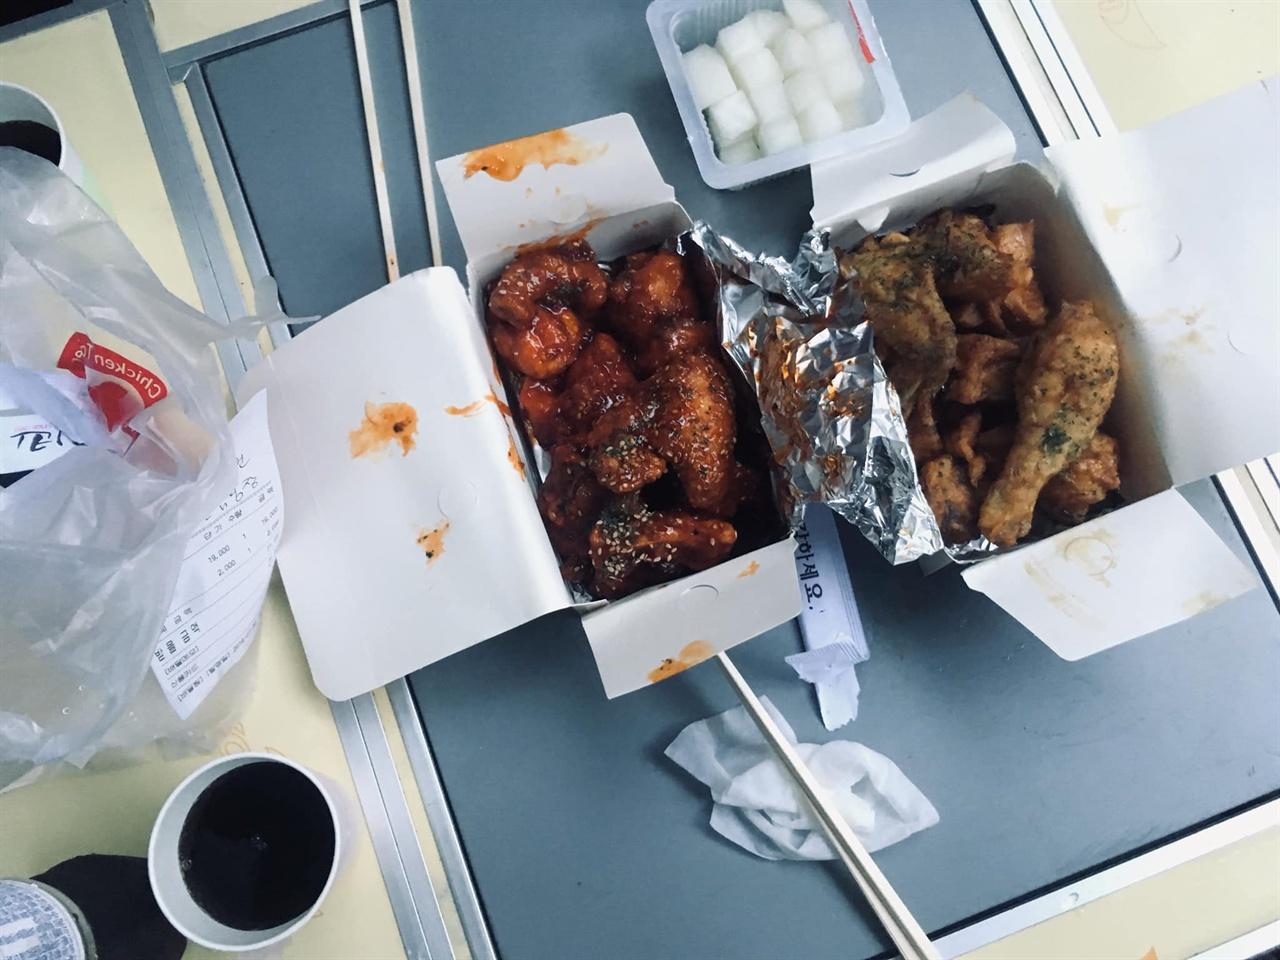 치킨 달천공원 캠핑장에는 치킨이 배달된다